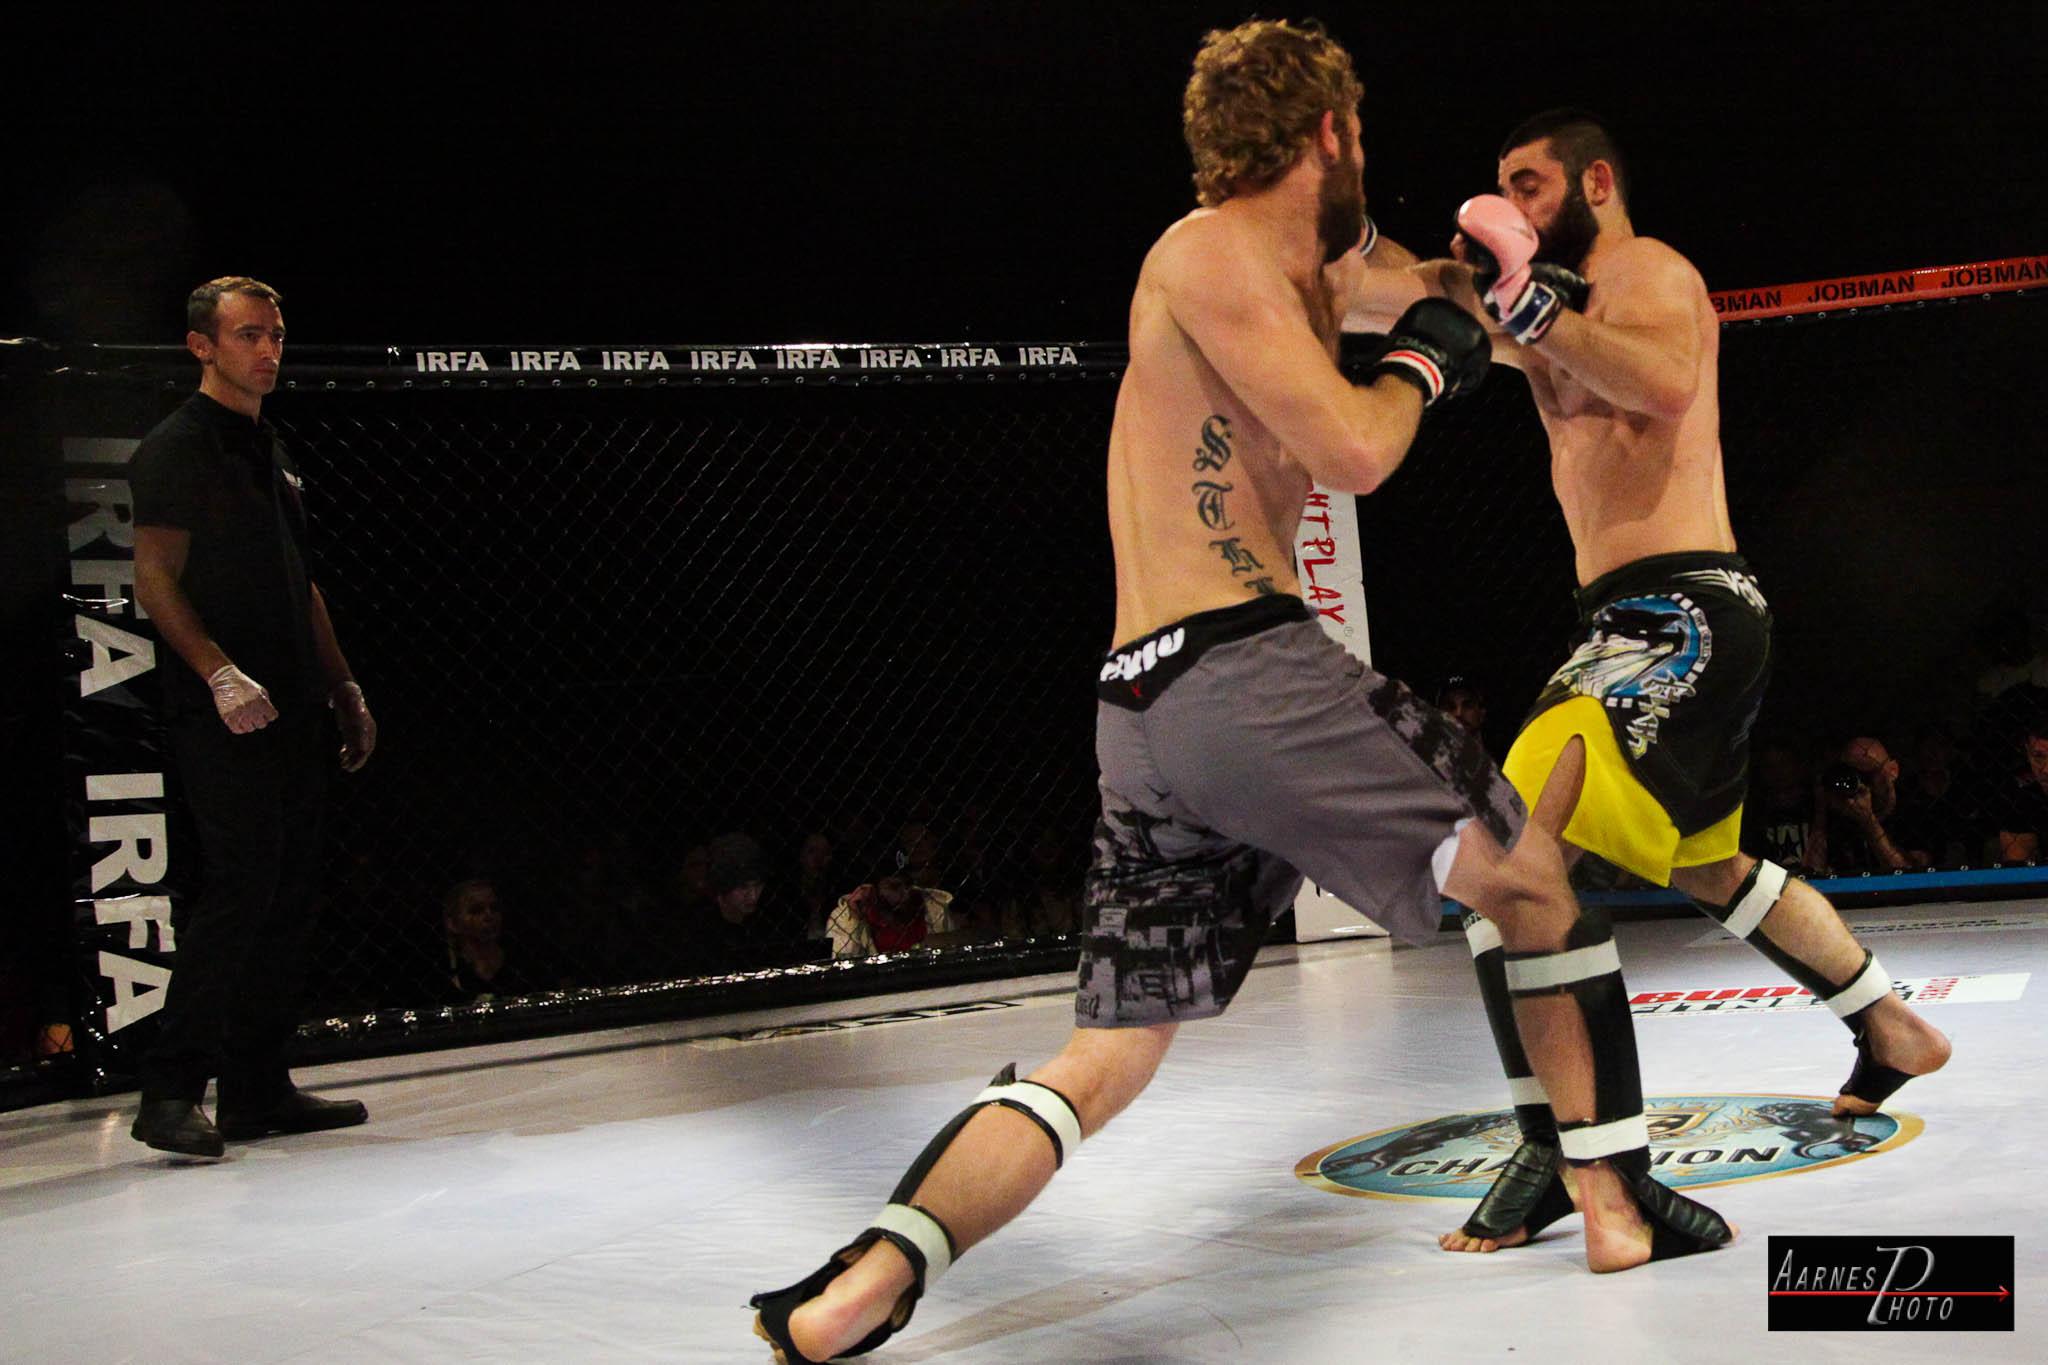 Mikael Tunc vs Jimmie Jensen8-5132